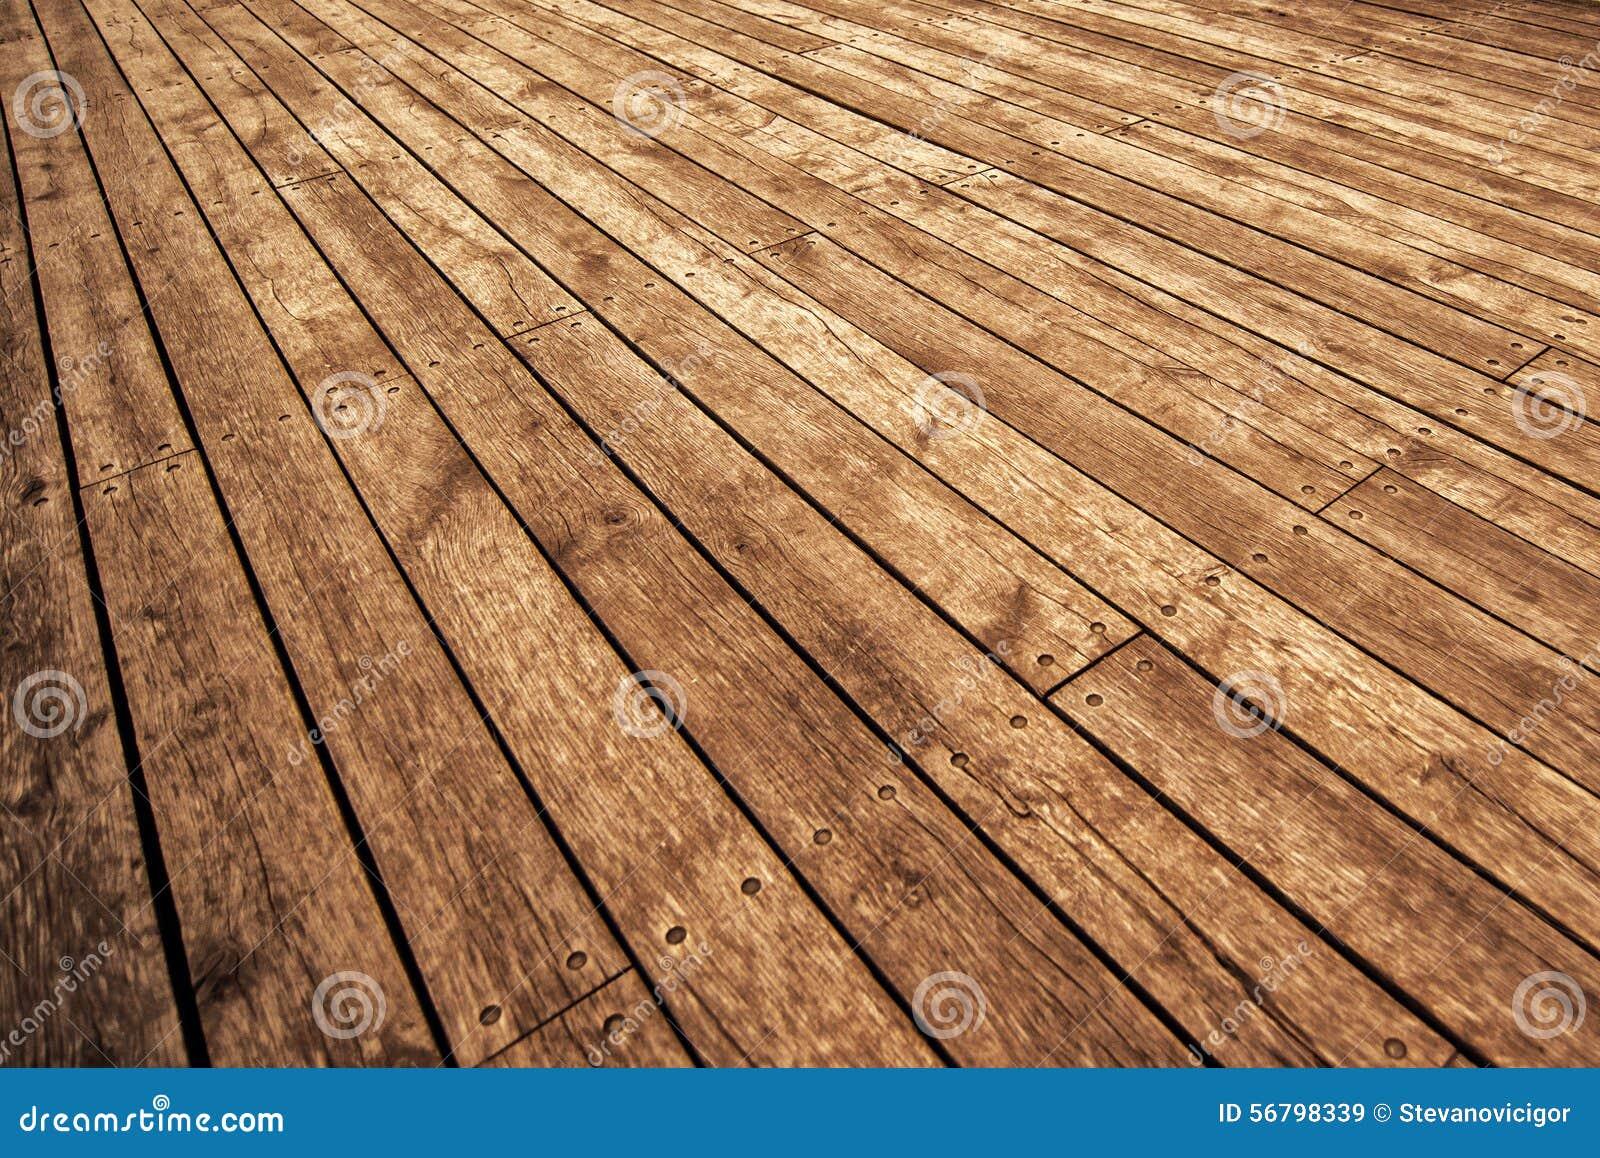 Assi Di Legno Rustiche : Asse del pavimento di legno rustica nella prospettiva immagine